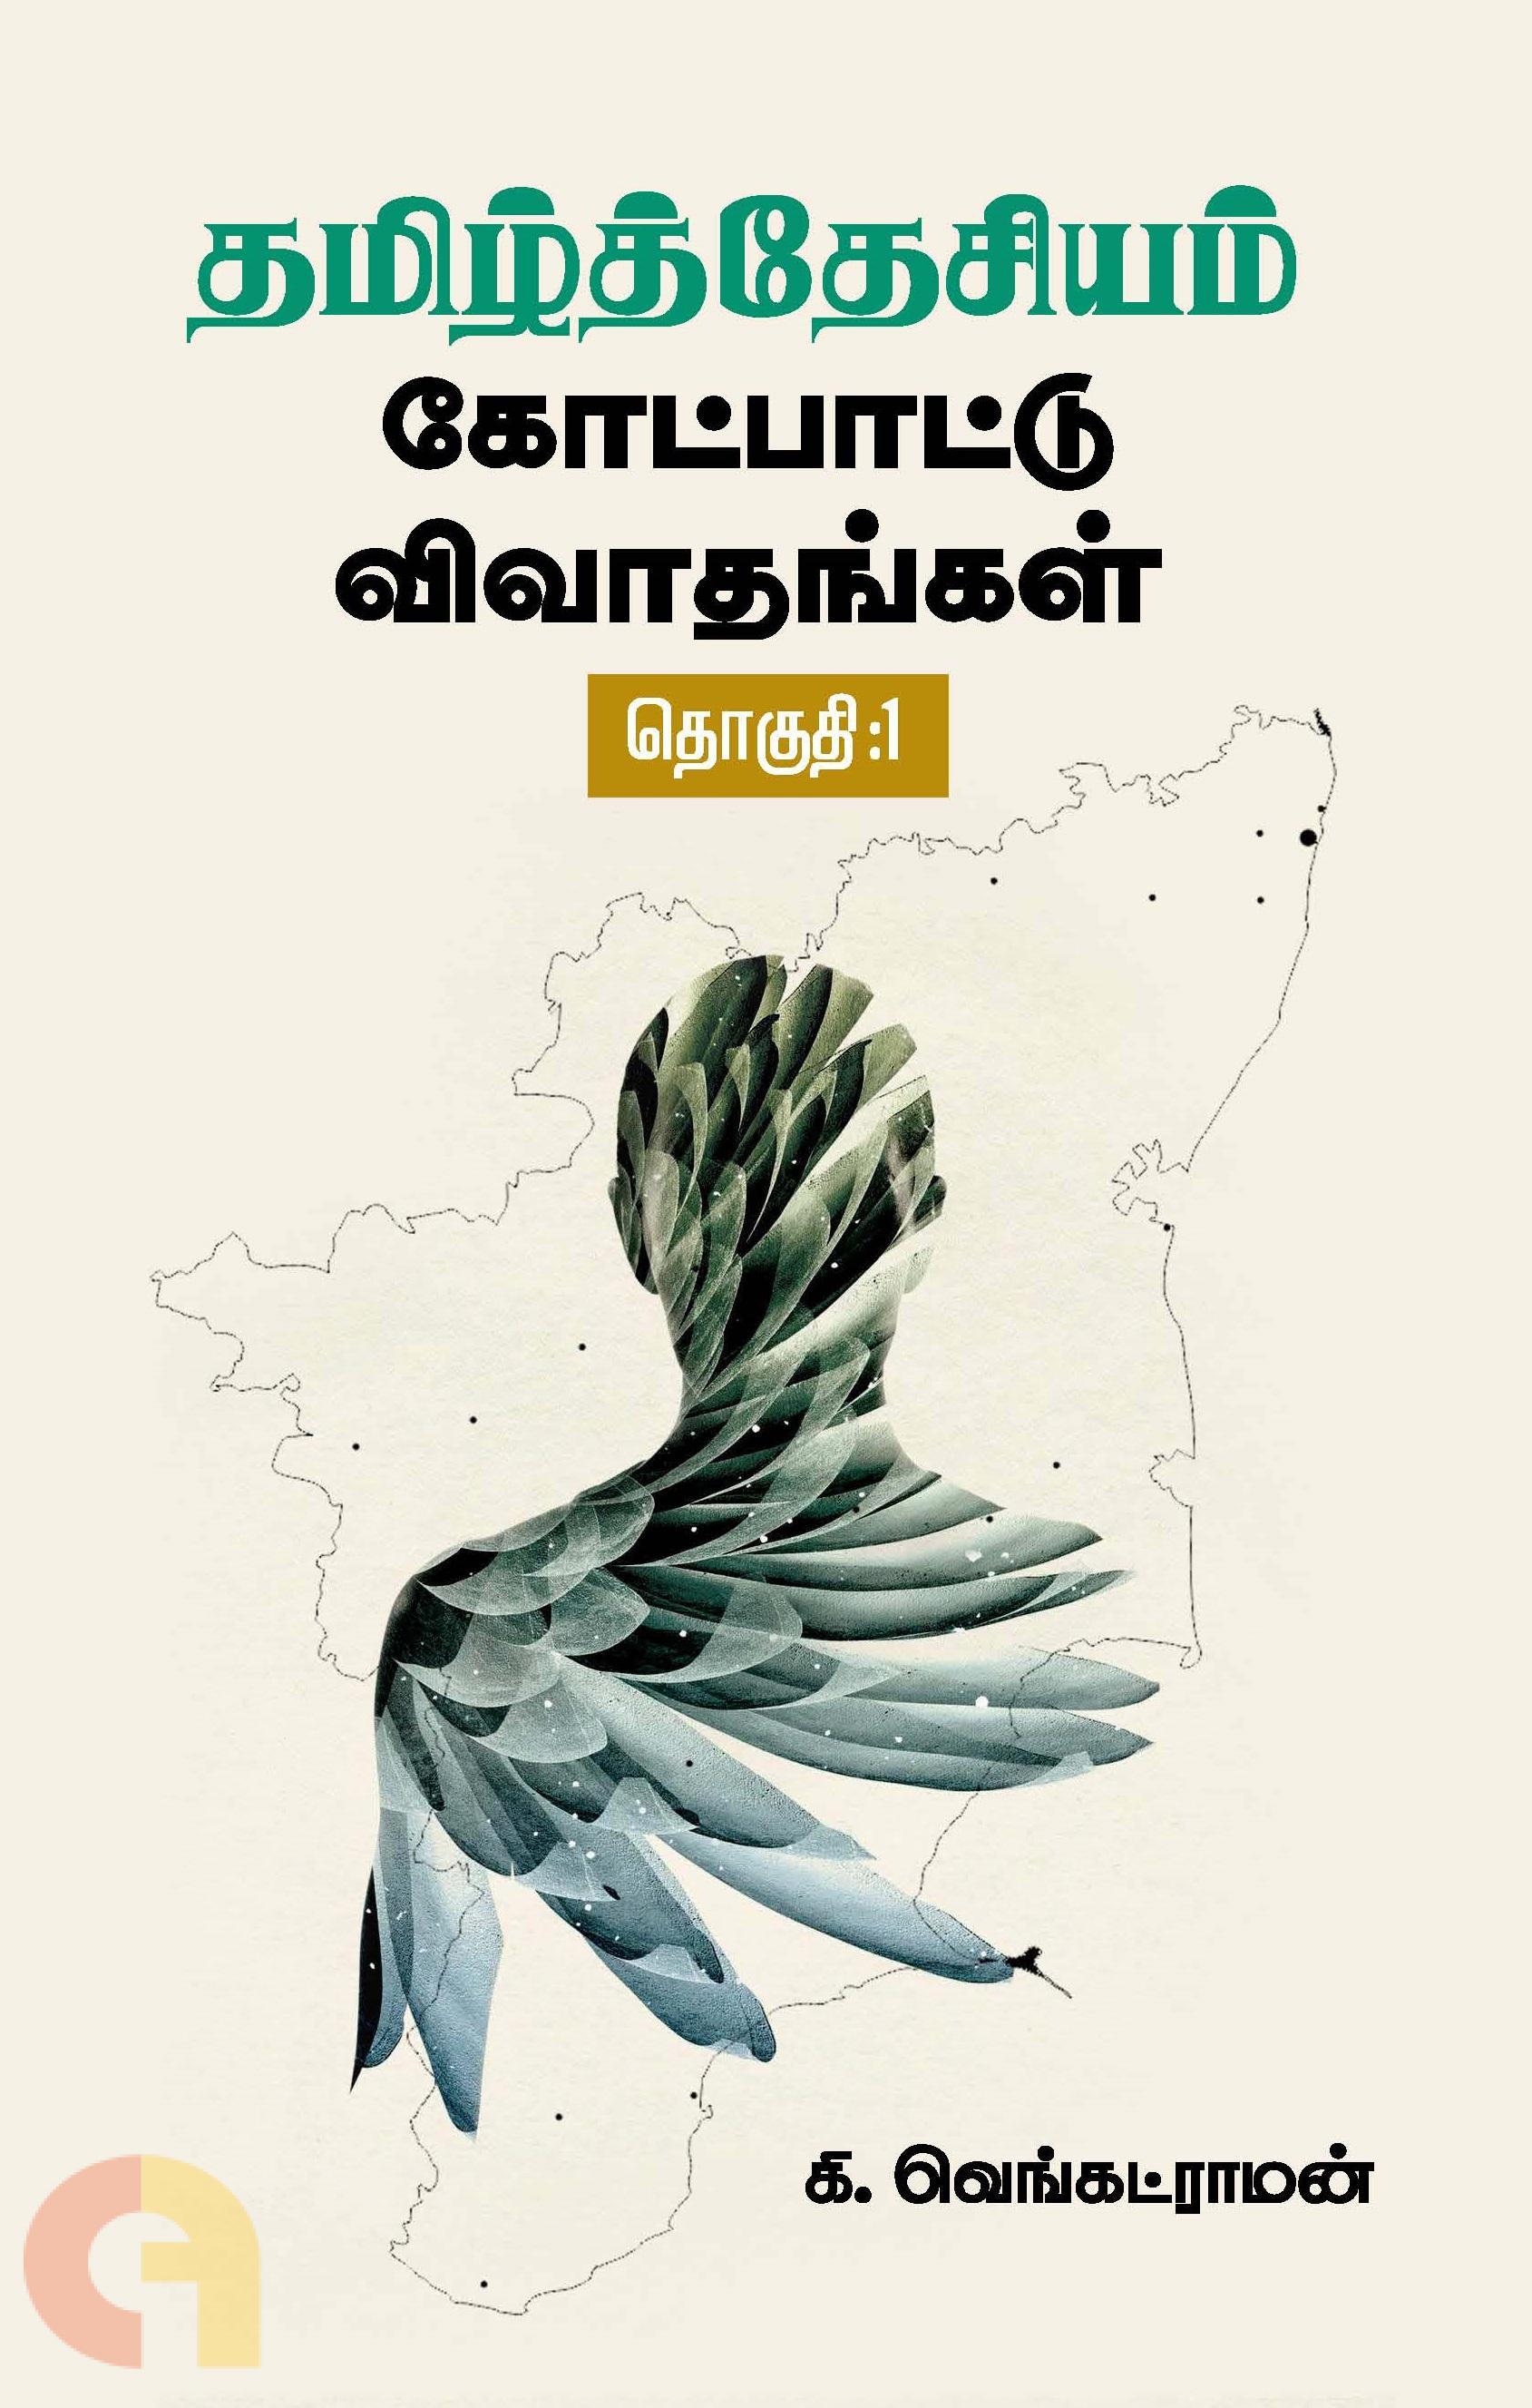 தமிழ்த்தேசியம்: கோட்பாட்டு விவாதங்கள் (தொகுதி 1)